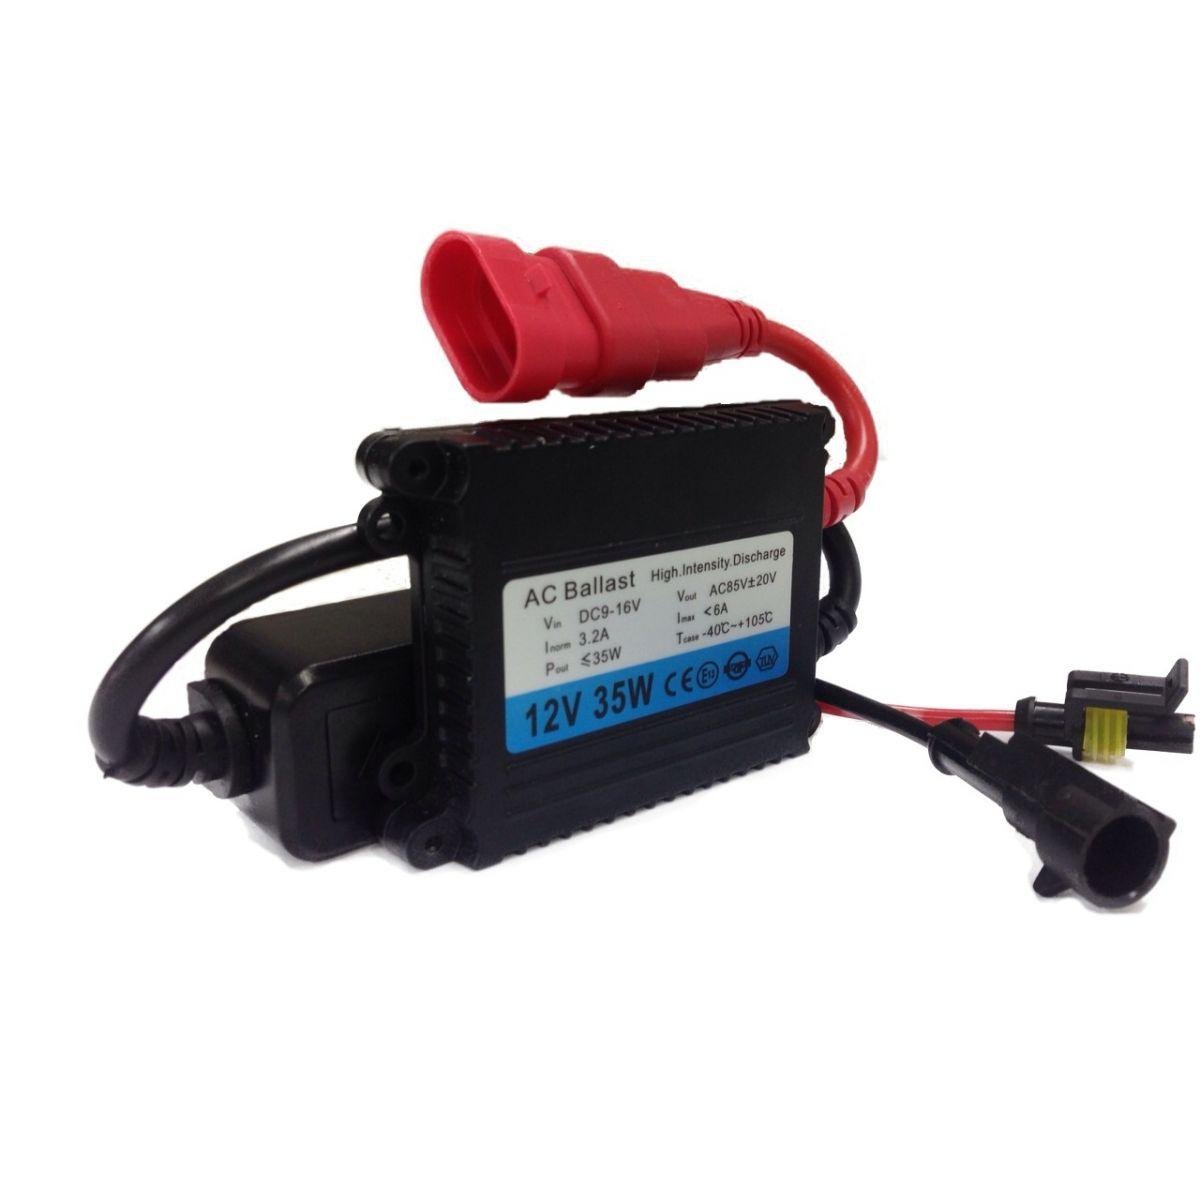 Kit Xenon Moto Digital H1 H3 H4-2 H7 H11 H27 Hb4 4300k 6000k